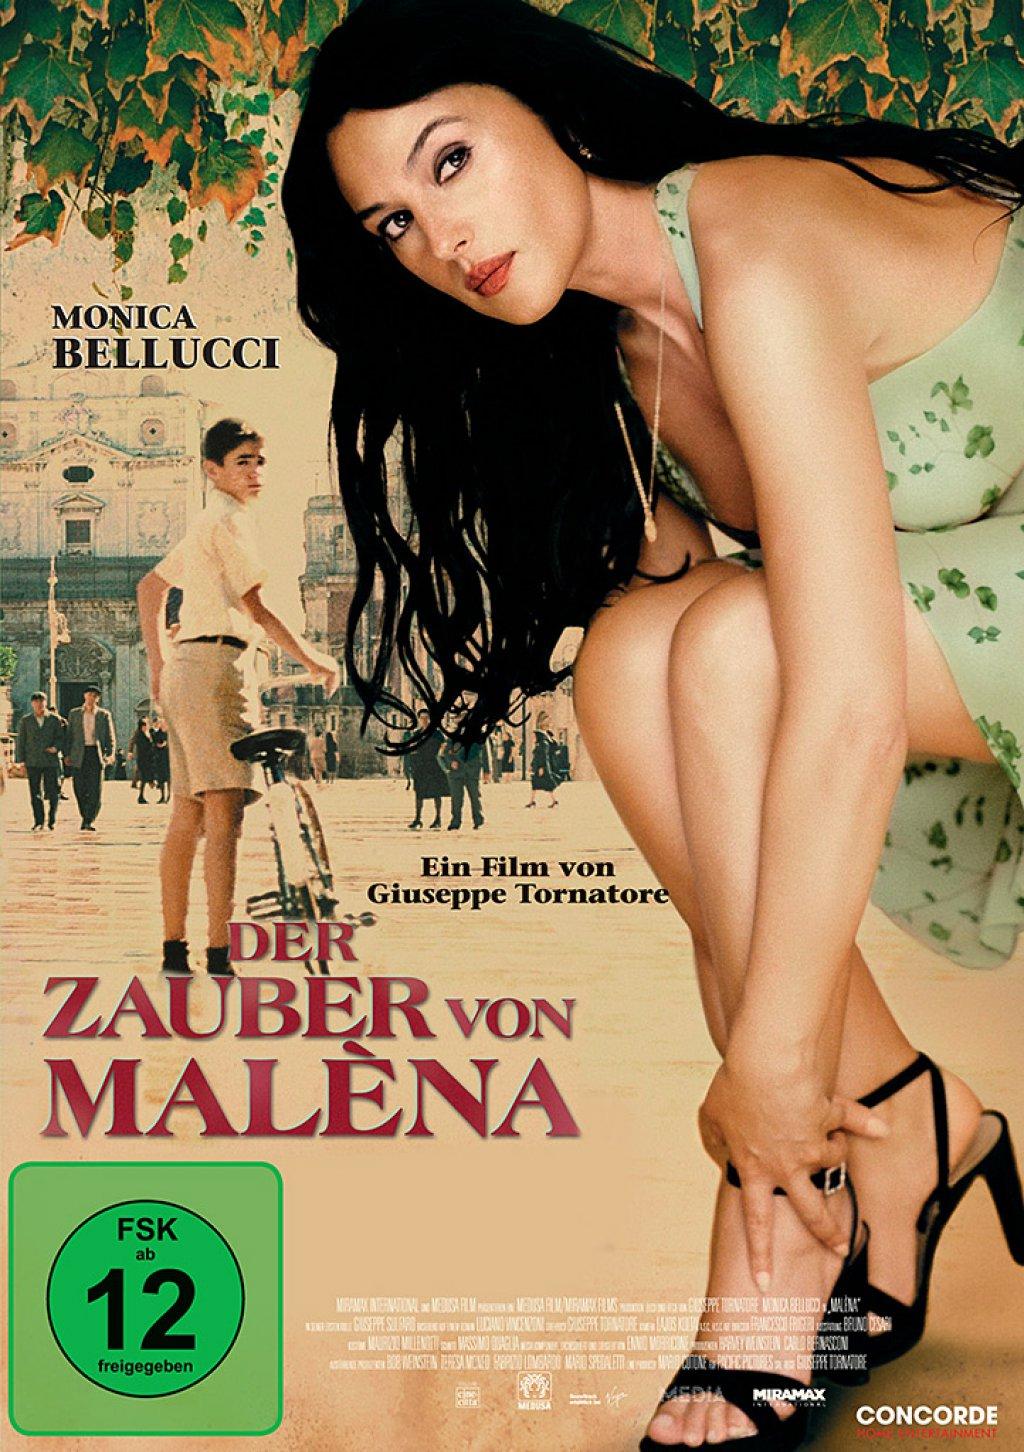 Der Zauber von Malèna (DVD)